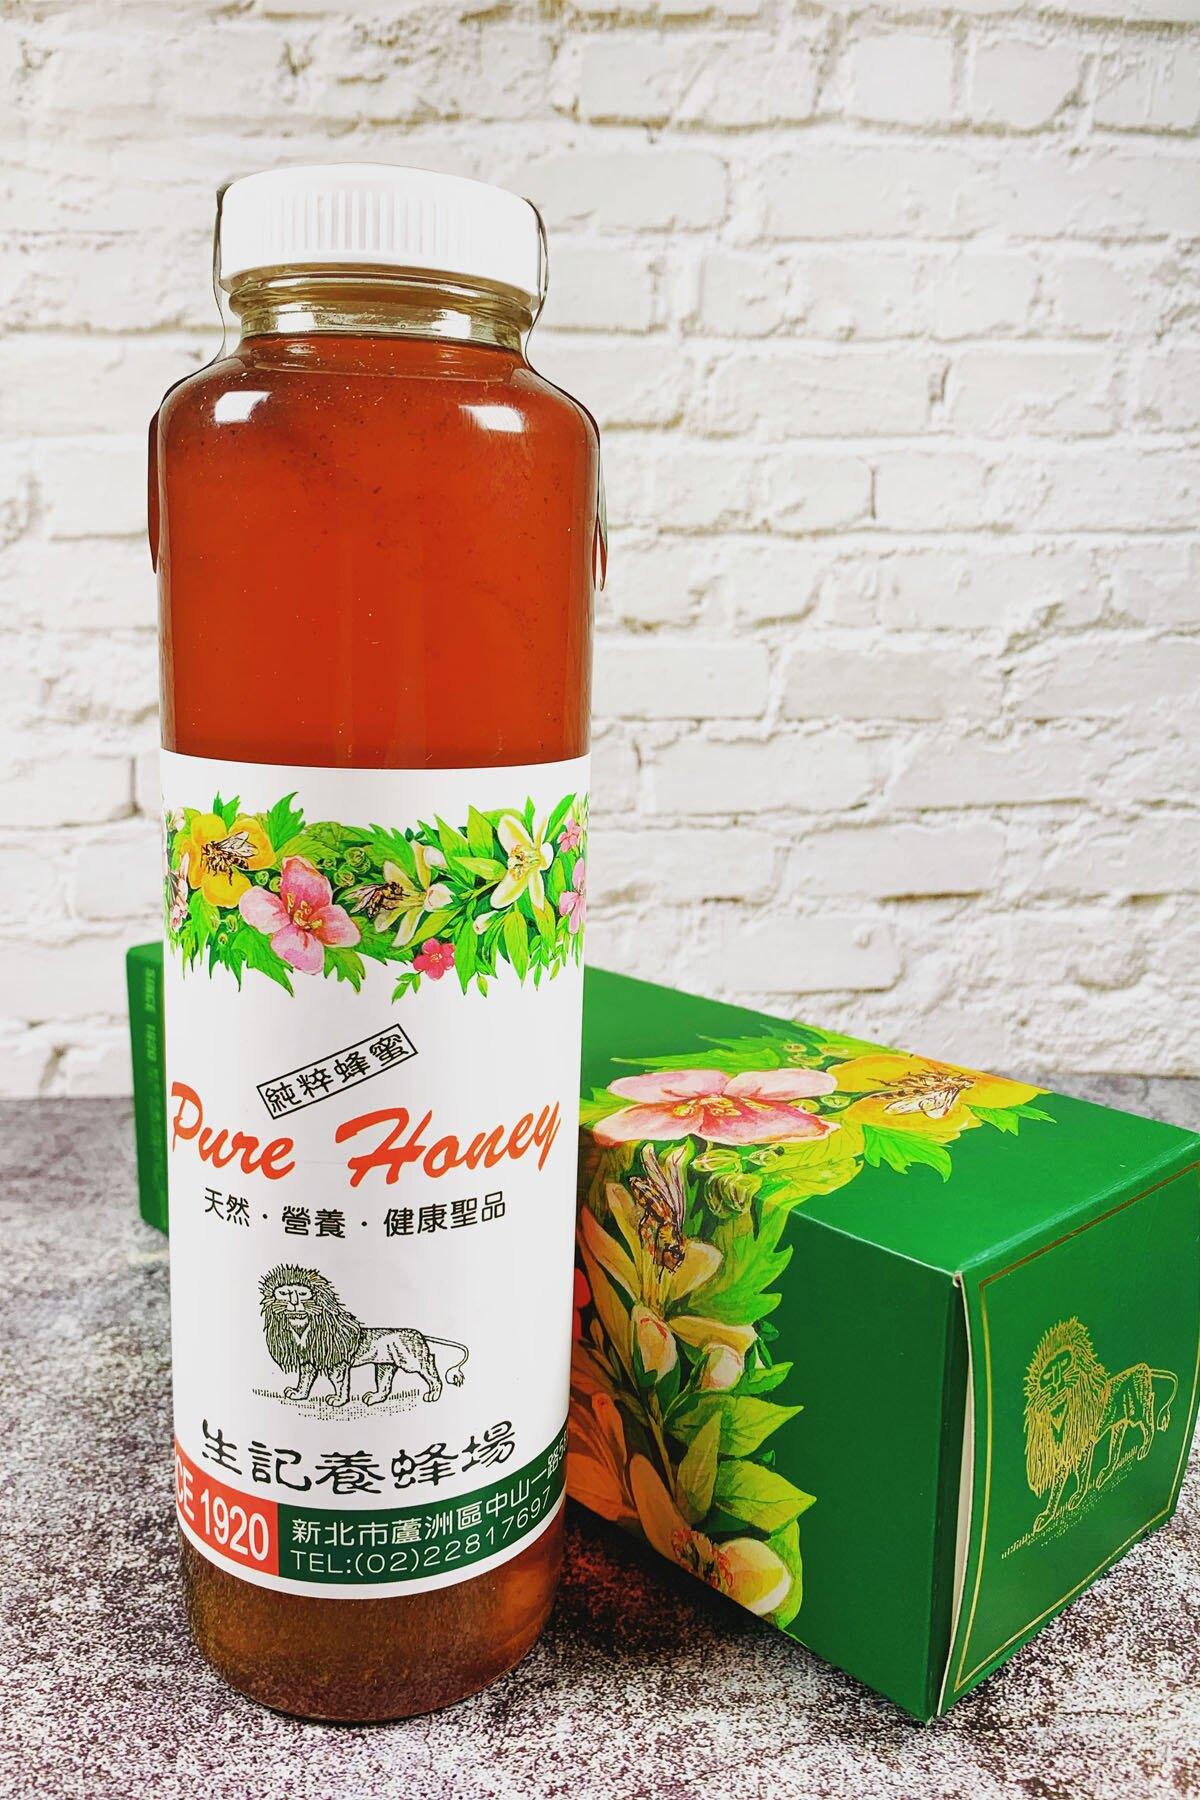 純天然百花蜂蜜600c.c (四瓶優惠價!)限時免運中!百年老字號生記養蜂場